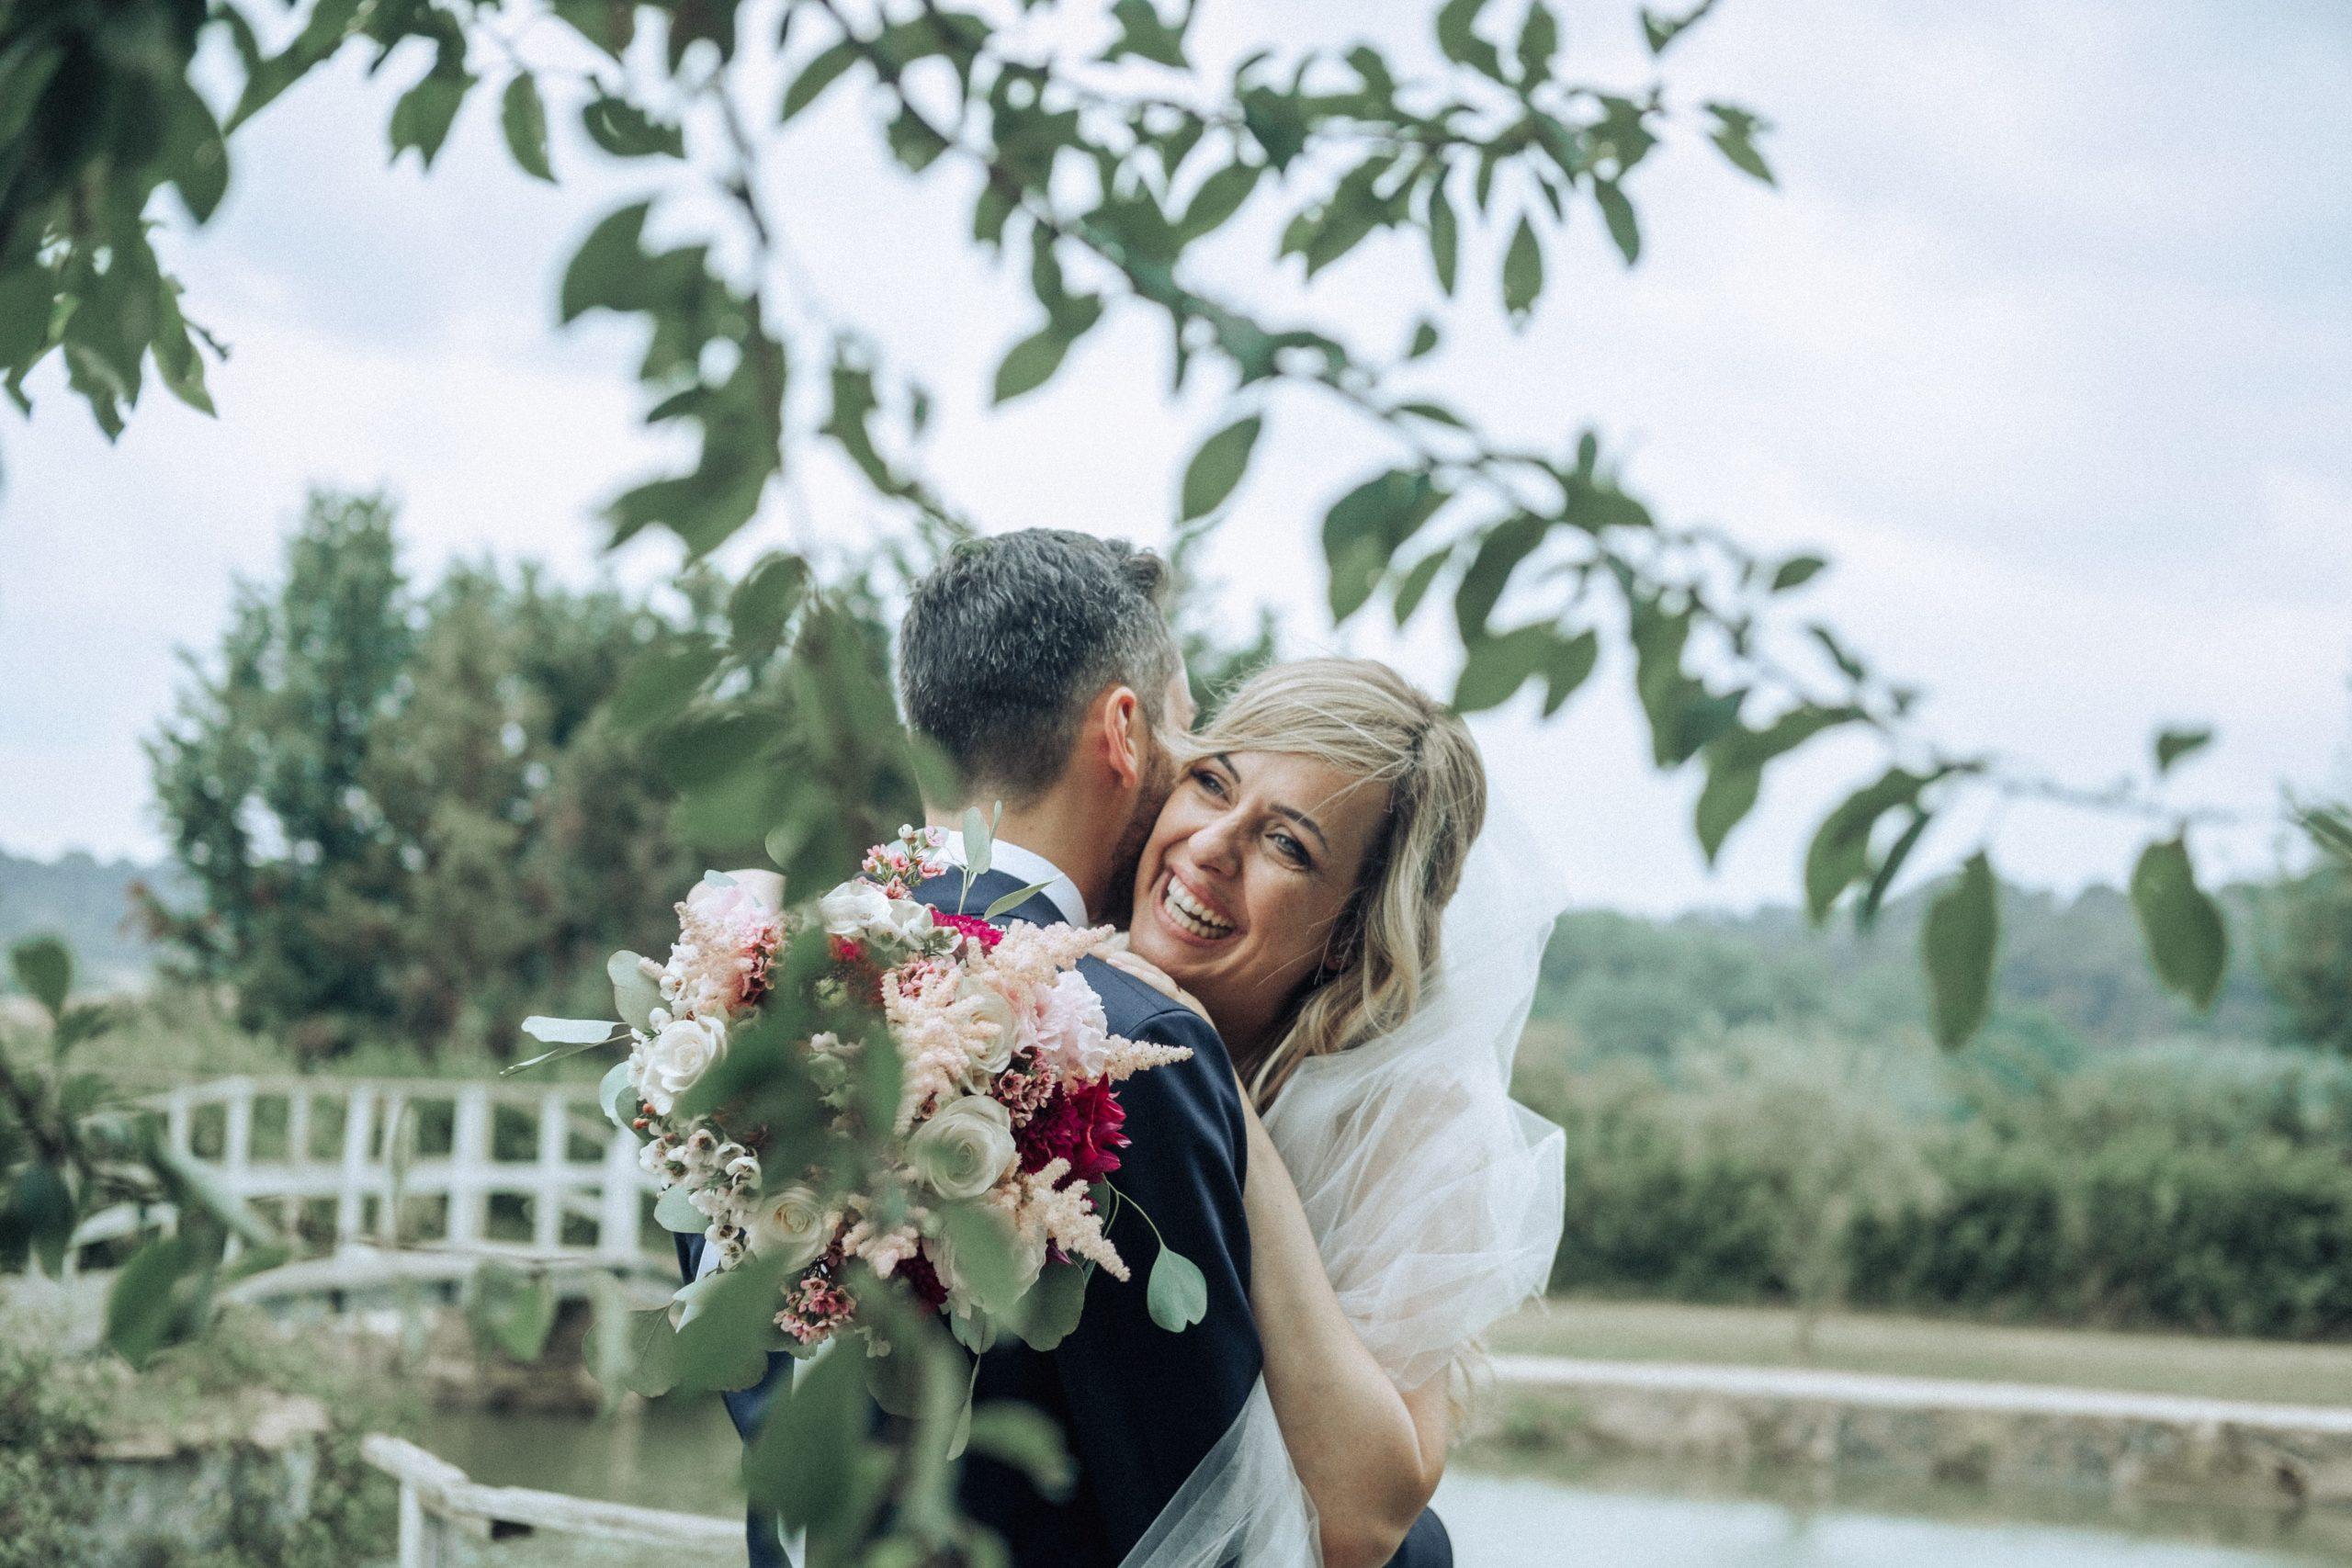 Agri-village-roma-battesimi-cerimonie-matrimoni-tenuta-feste-compleanni19